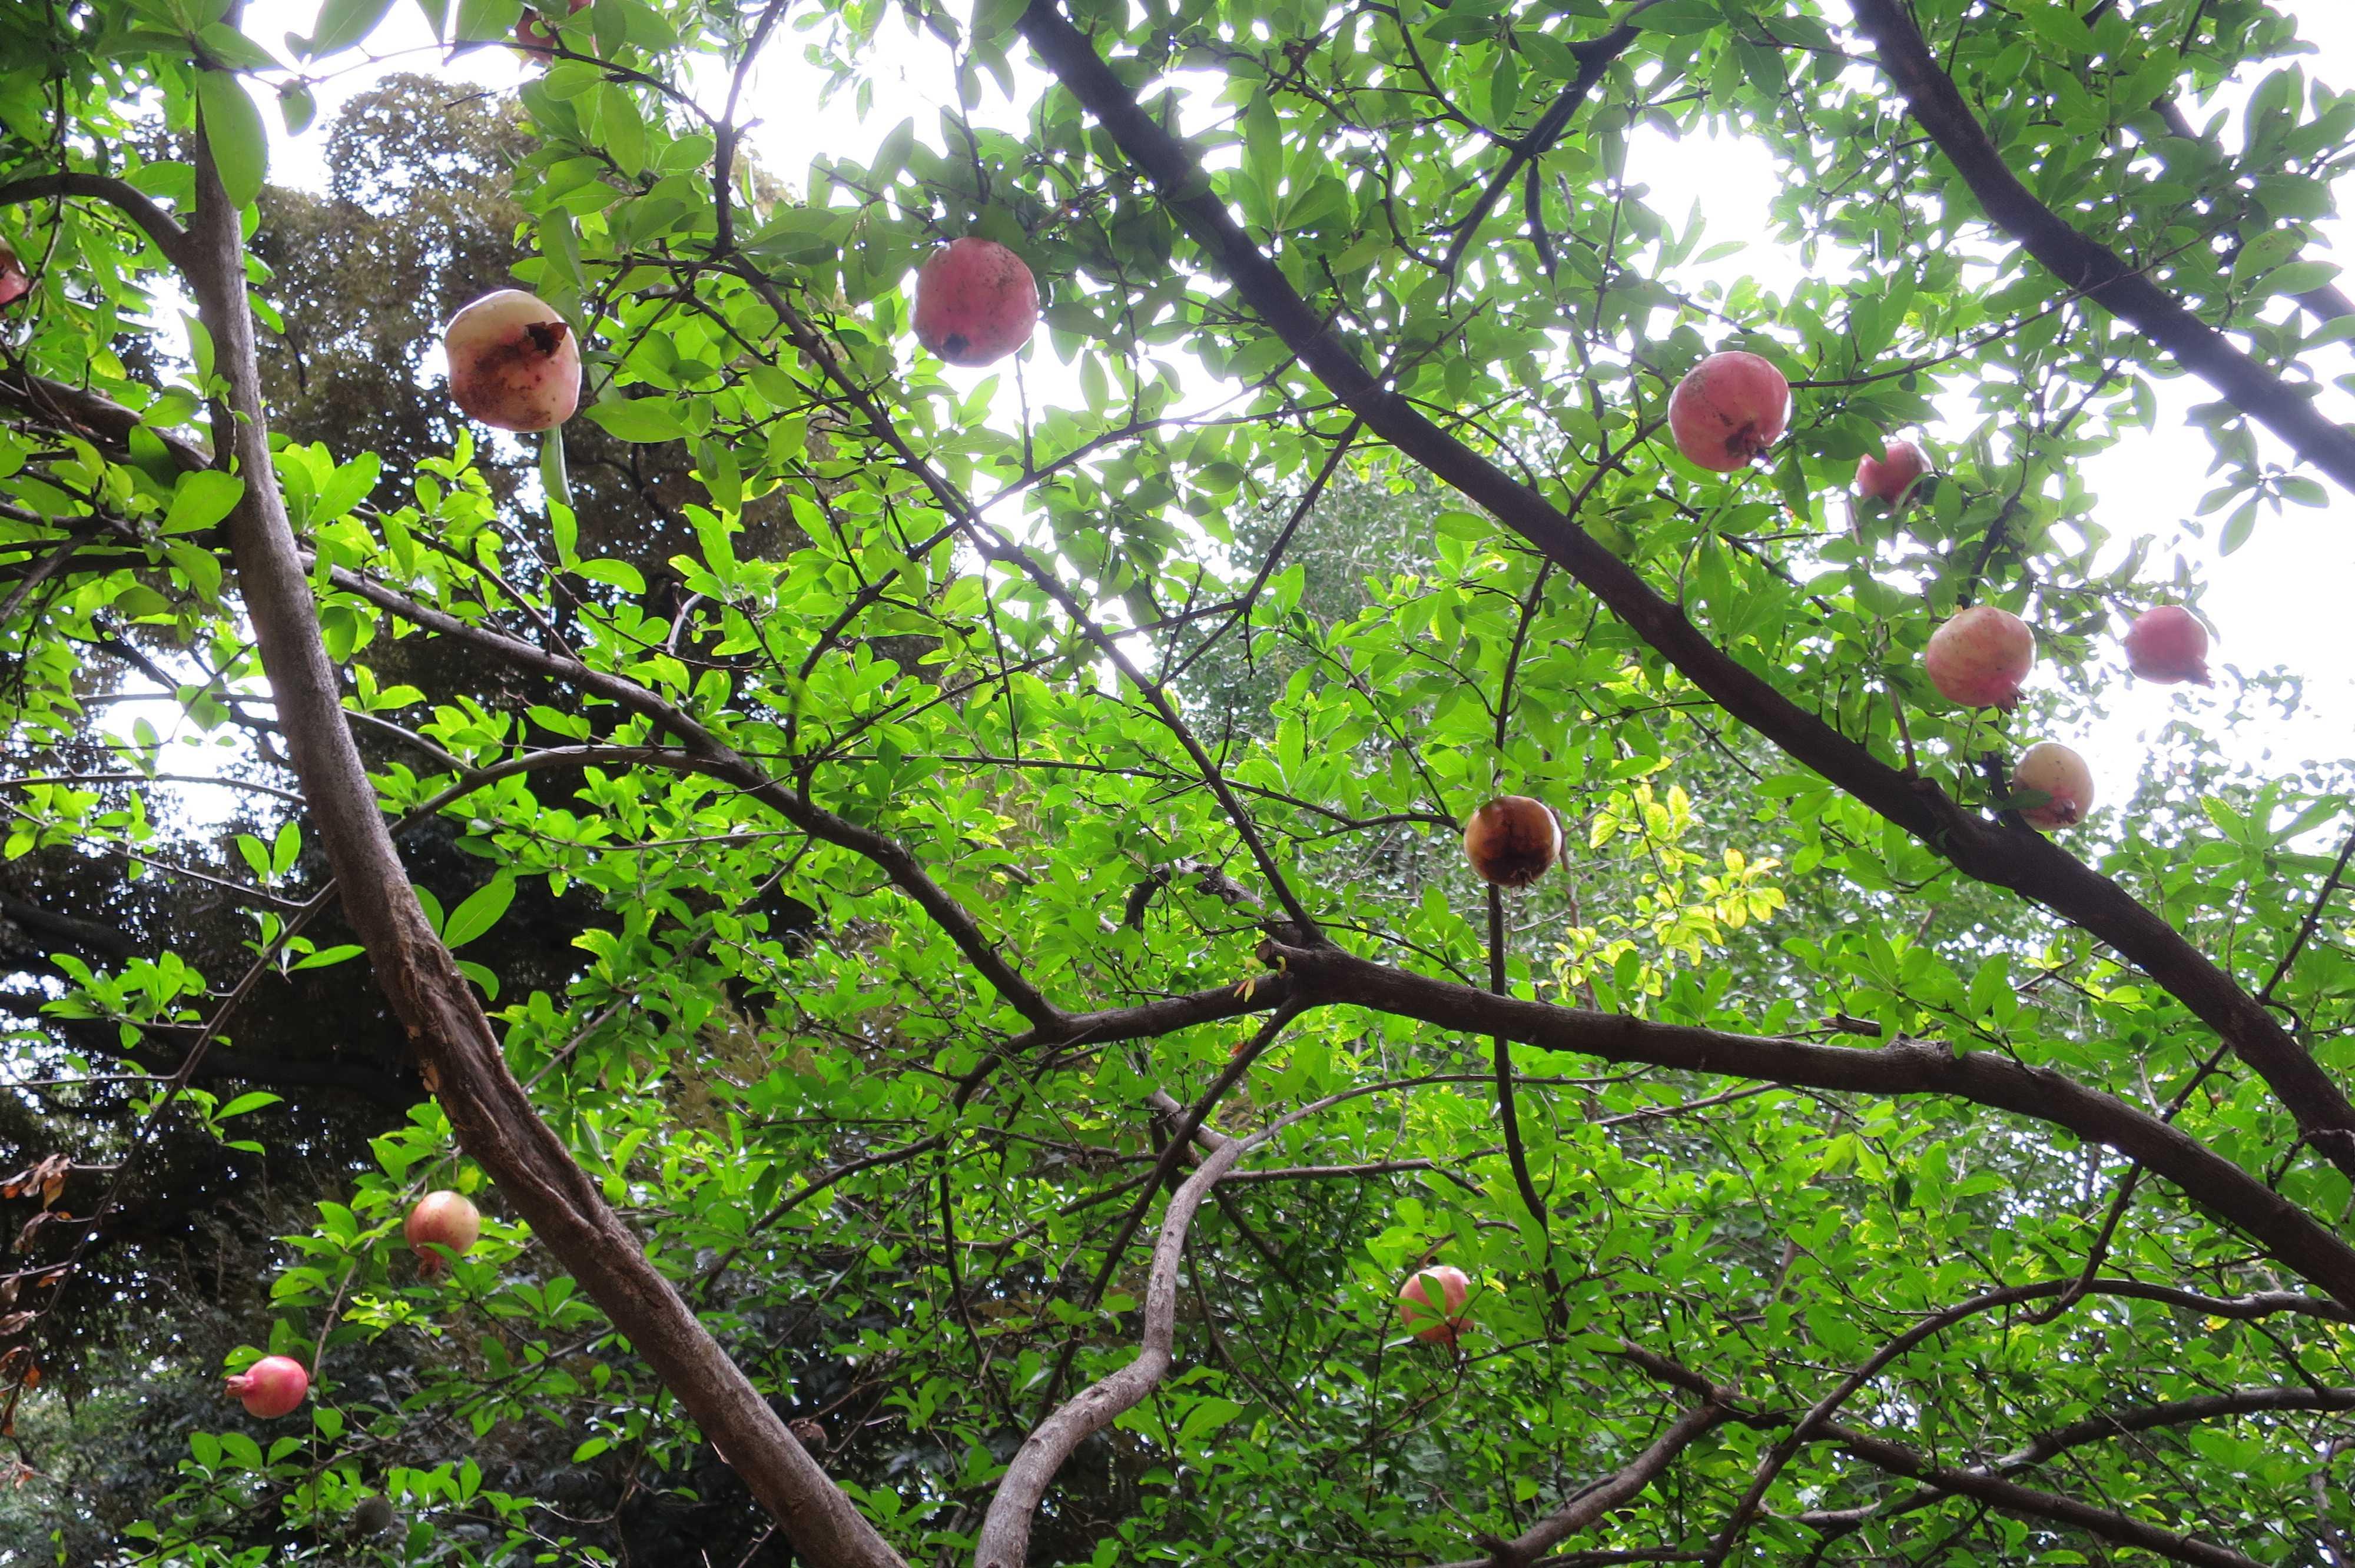 鬼子母神堂 - 美しいグリーンのザクロの葉っぱと実ったザクロの実